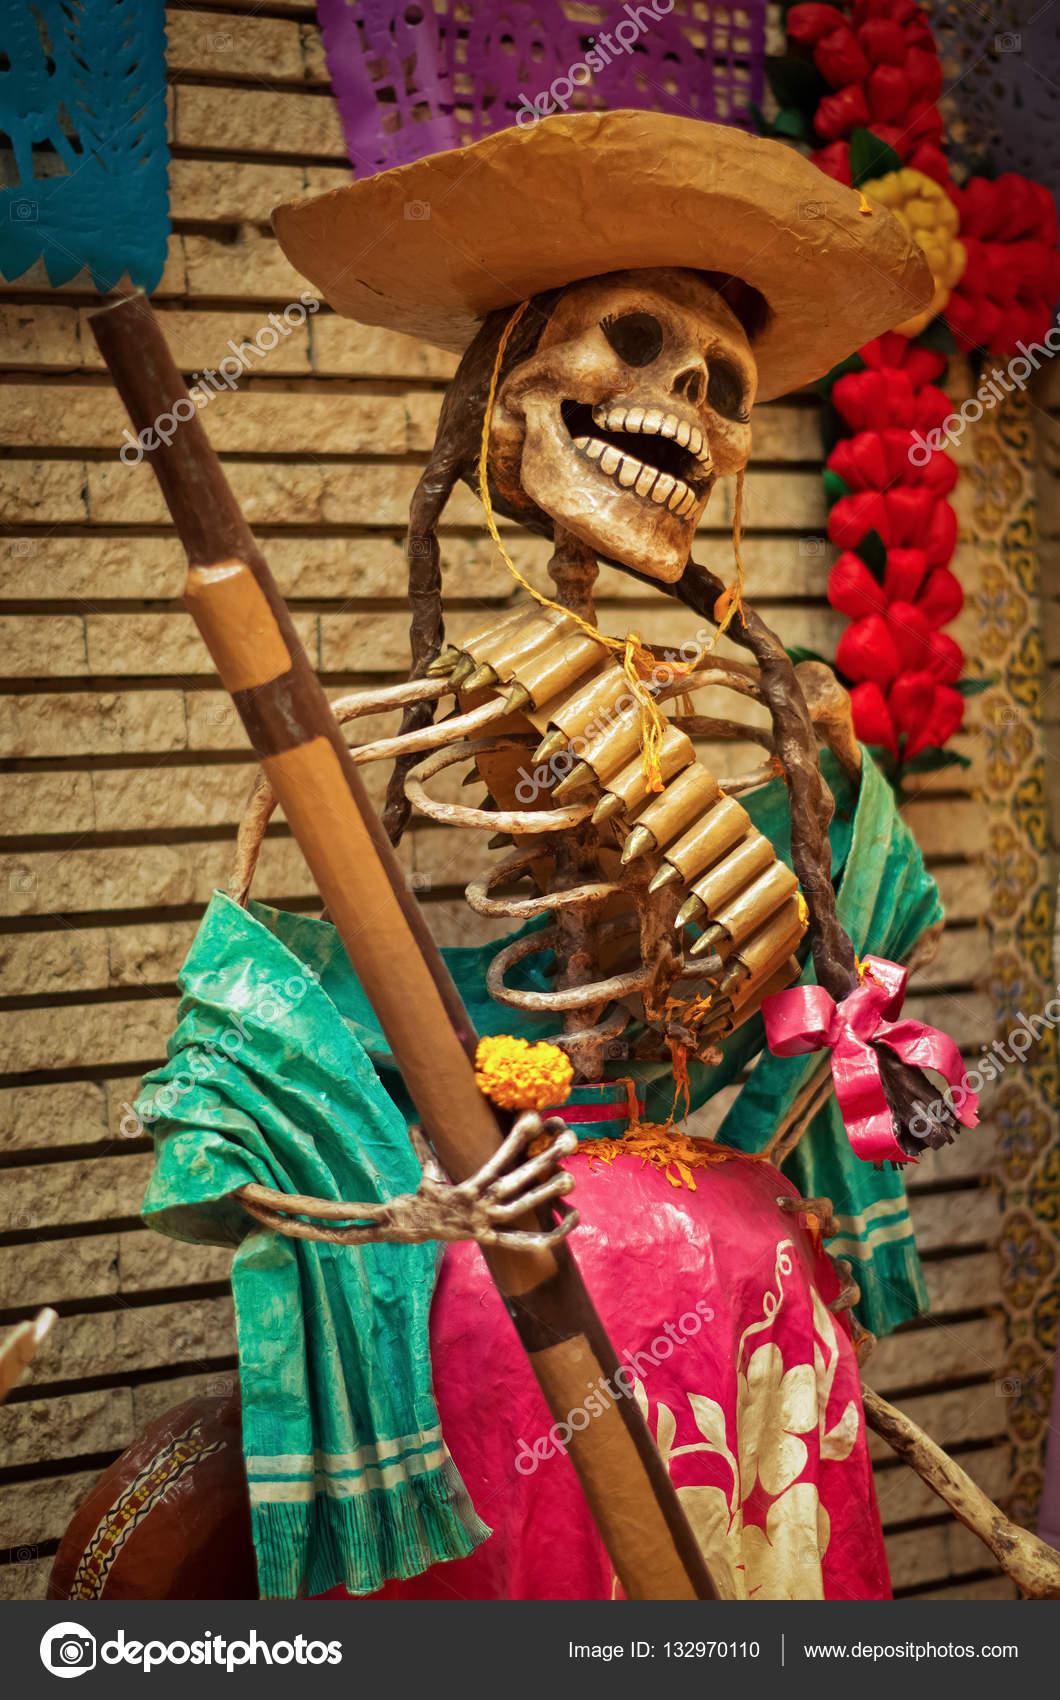 разобраться, фото скелетов календарь чего-нибудь понял, она